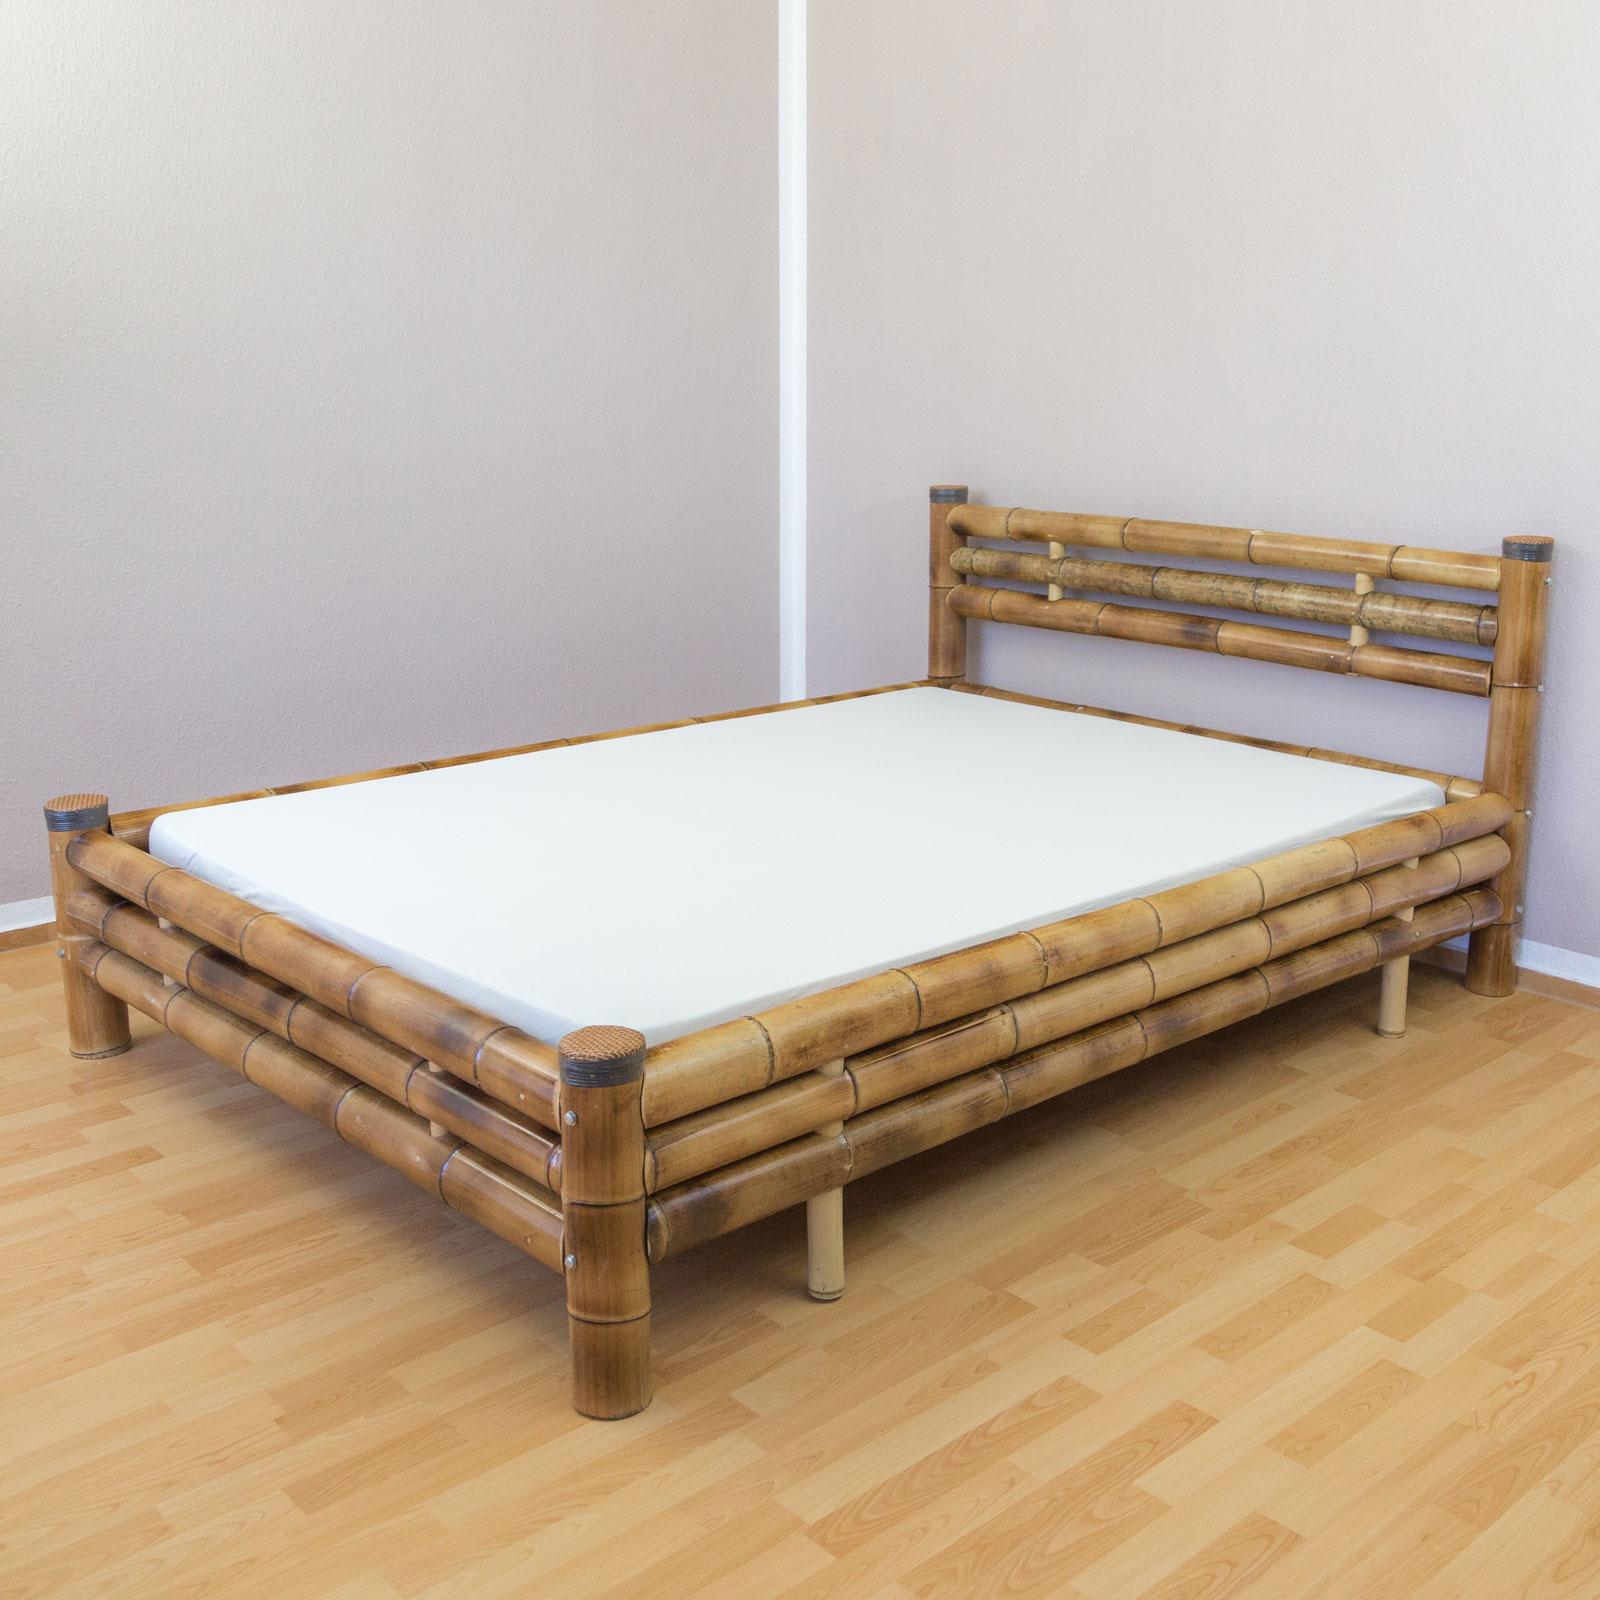 Full Size of Bambusbett Bambus Bett 140 200 Braun Massiv Futonbett Doppelbett 90x200 Mit Lattenrost Und Matratze 2m X Französische Betten Stauraum 200x200 Bettkasten Weiß Bett Bett 140